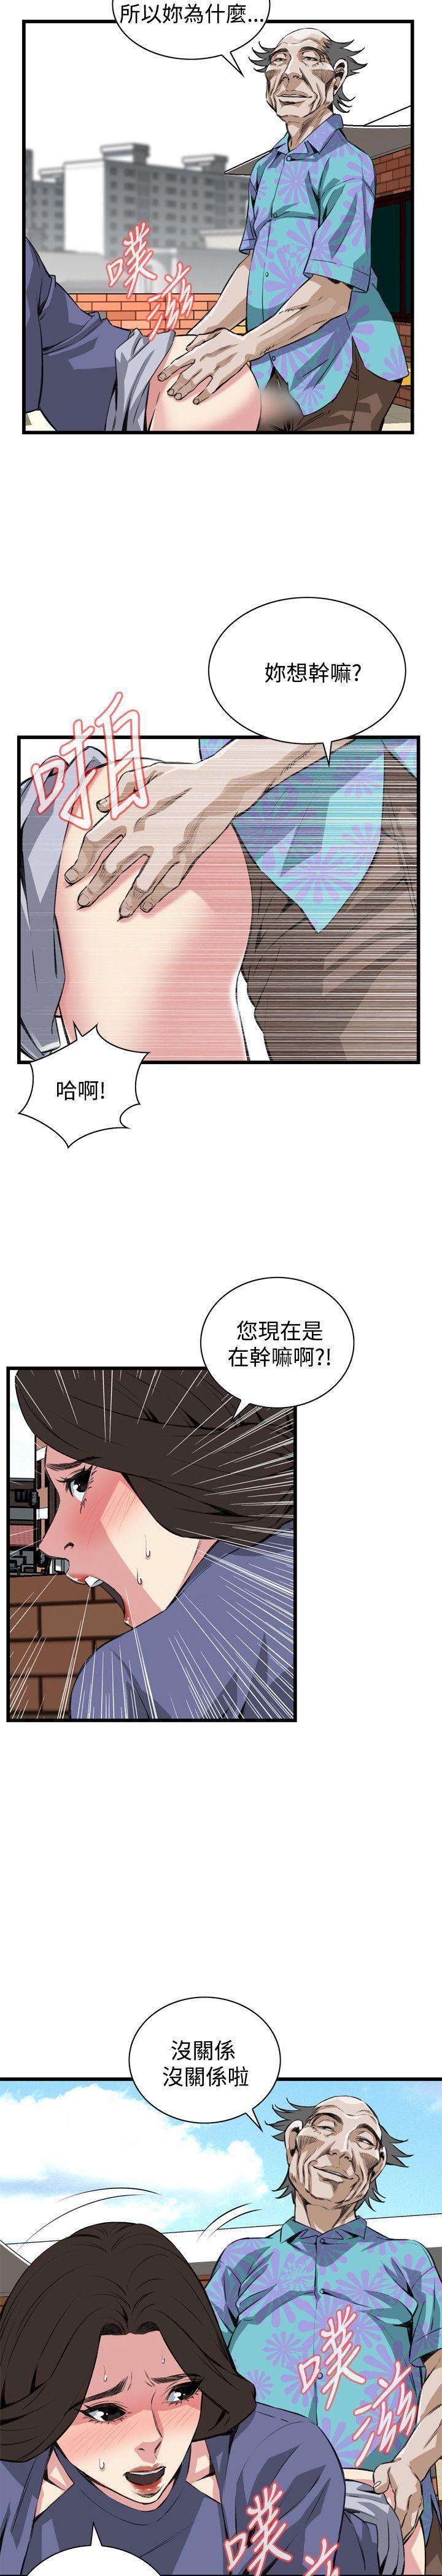 偷窥72-93 Chinese Rsiky 162